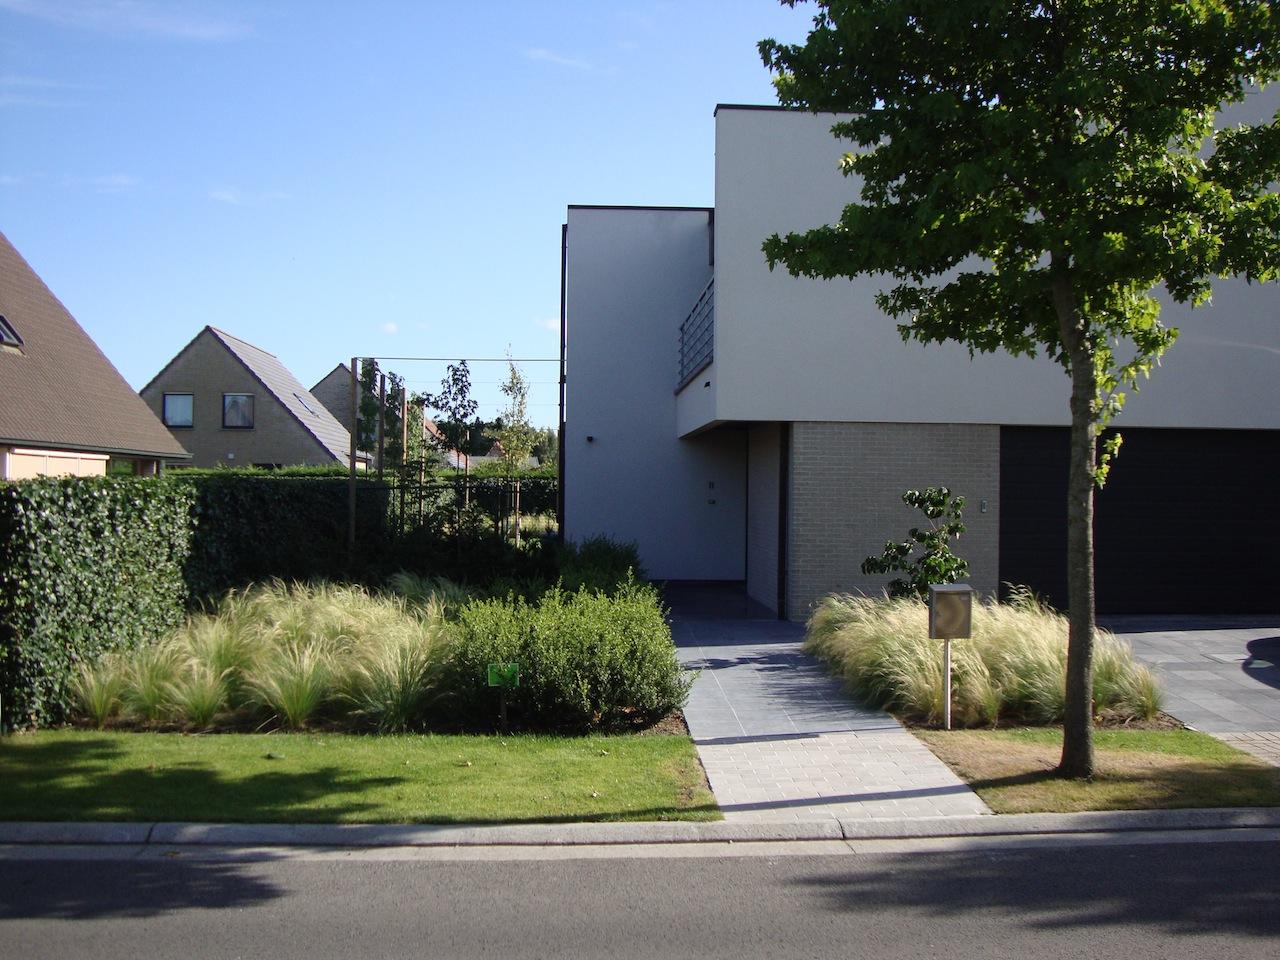 Afgewerkte projecten door jonas d 39 hoore strakke tuin bij for Voortuin strak modern